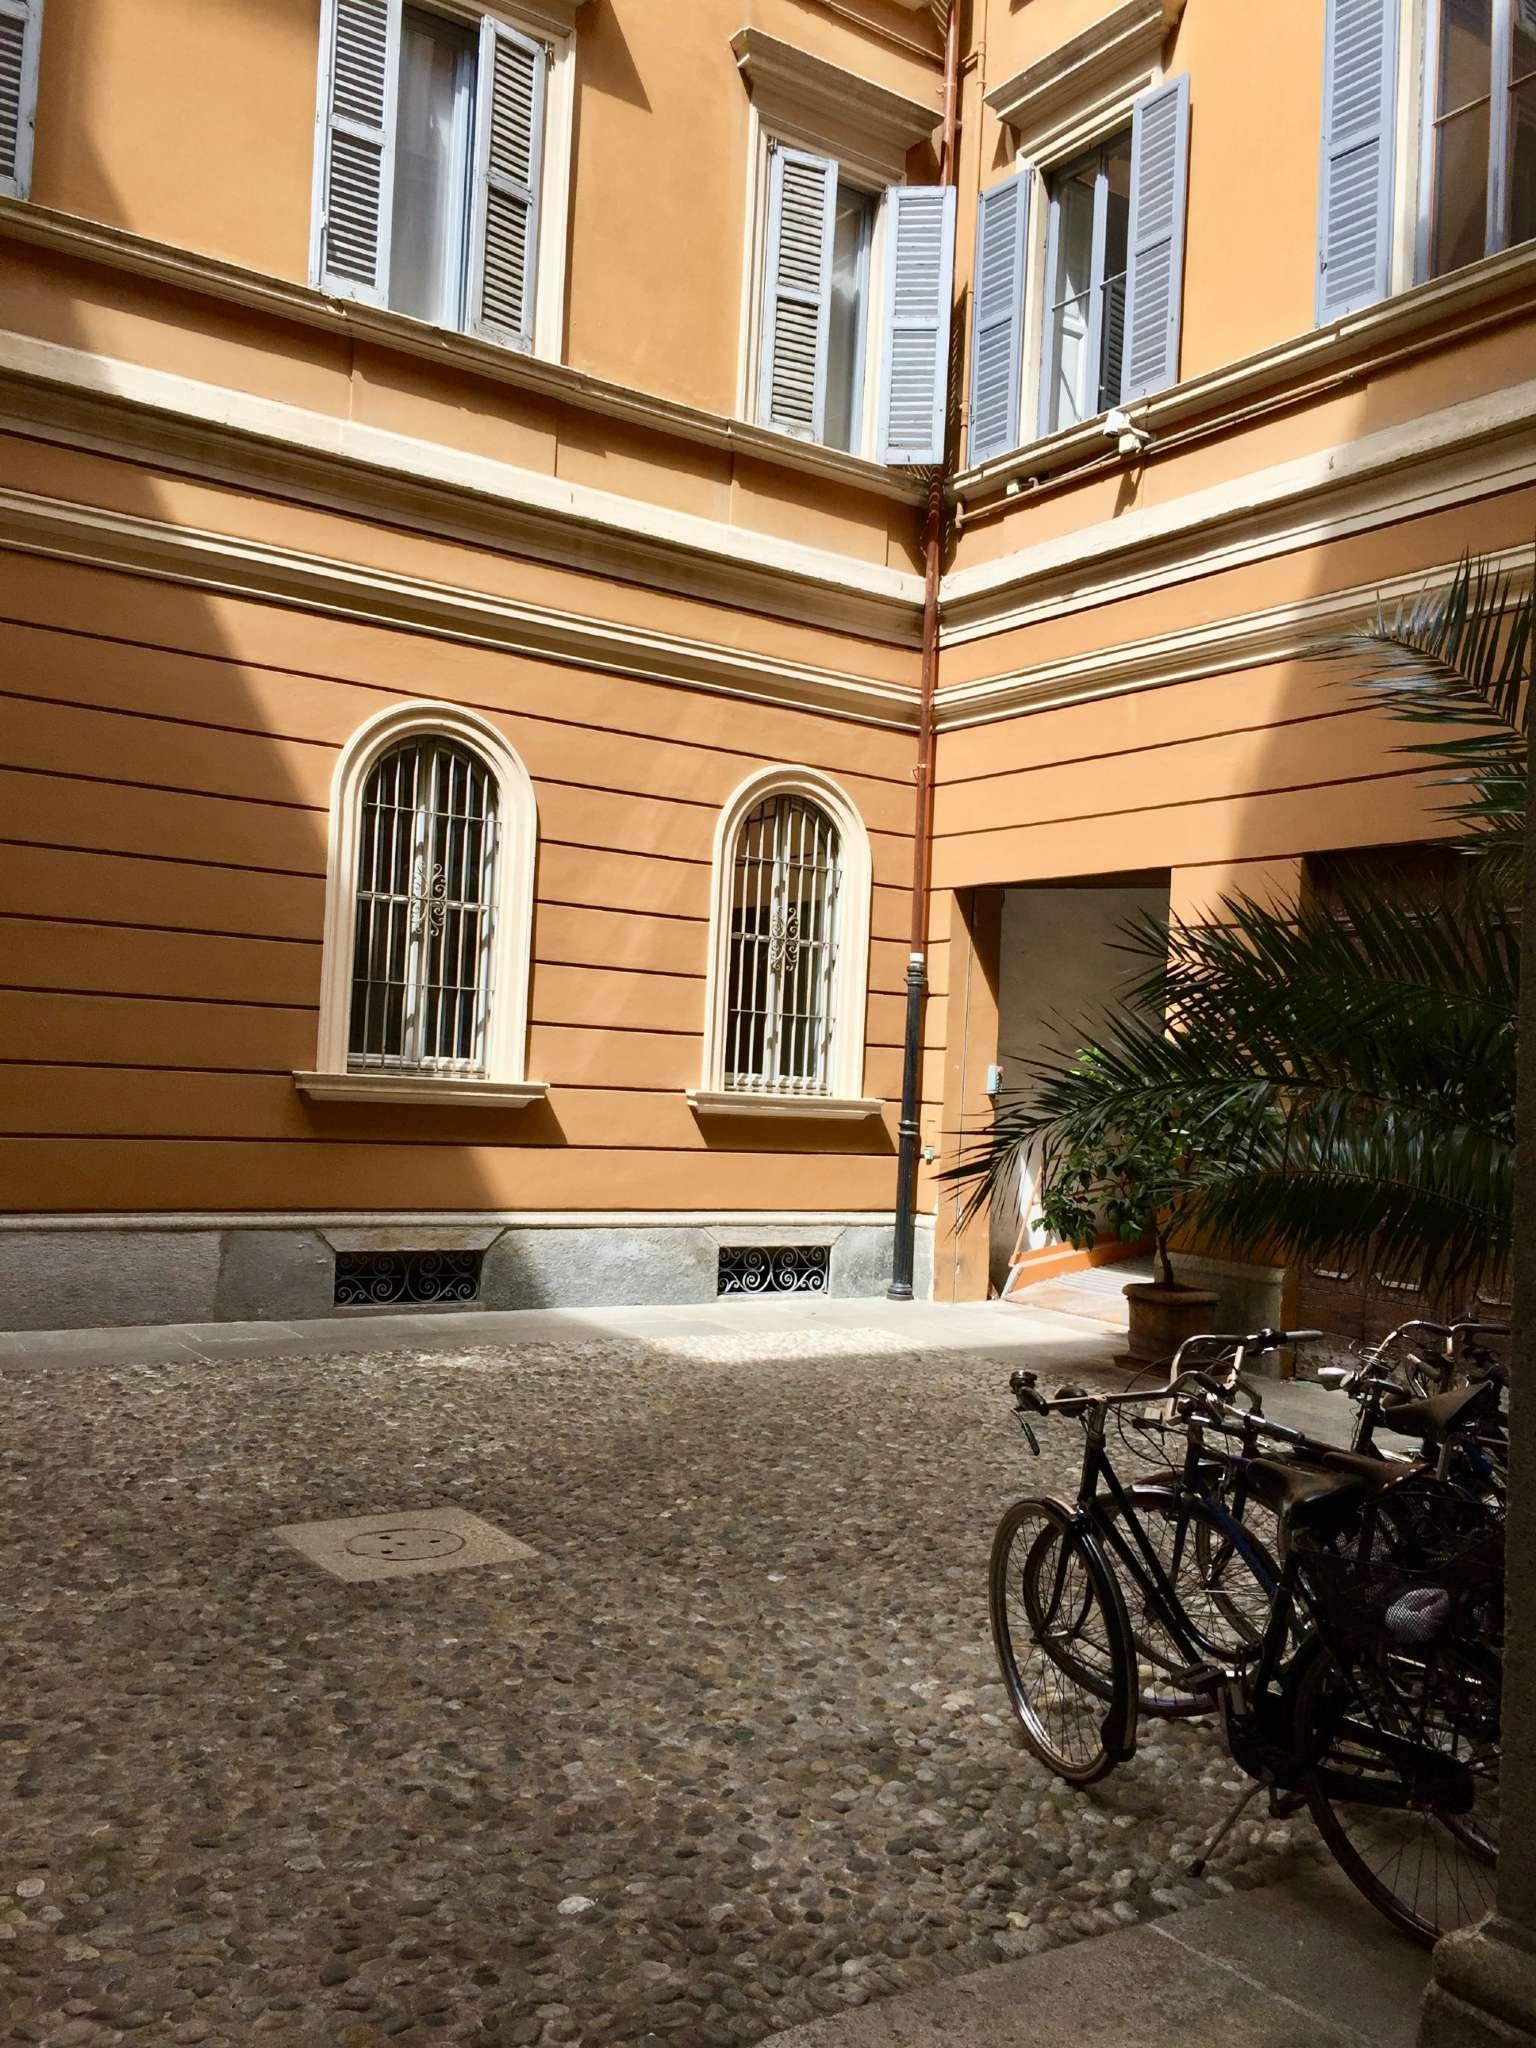 Case e immobili in vendita zona 02 brera volta for Case in vendita milano zona brera